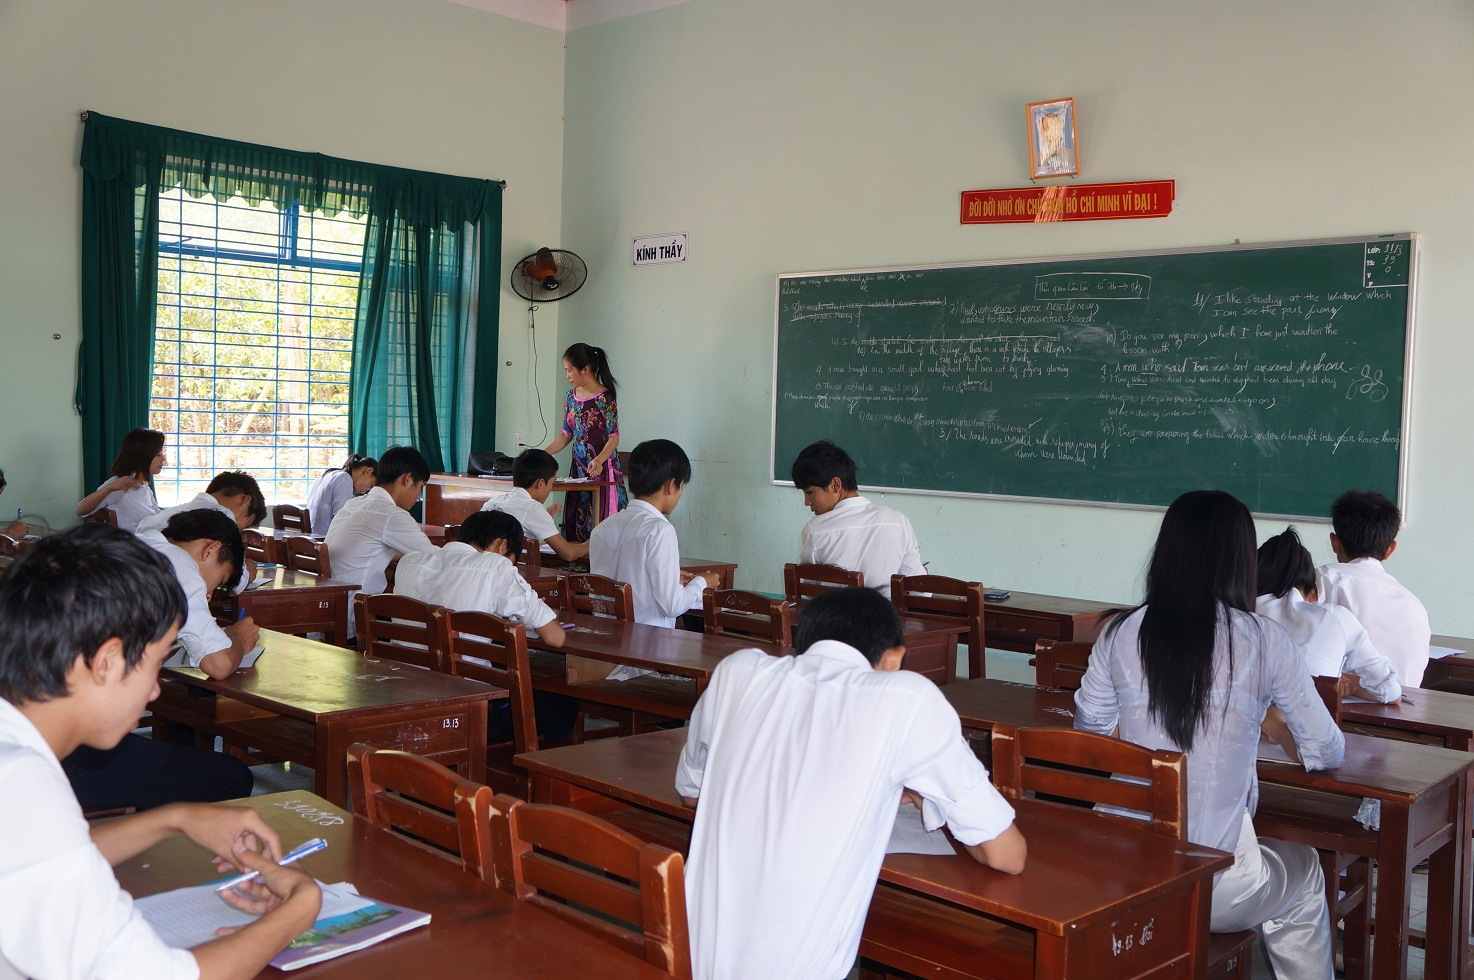 Dịch Covid-19: Quảng Nam lên phương án hỗ trợ 100% học phí cho học sinh trong 4 tháng - Ảnh 1.